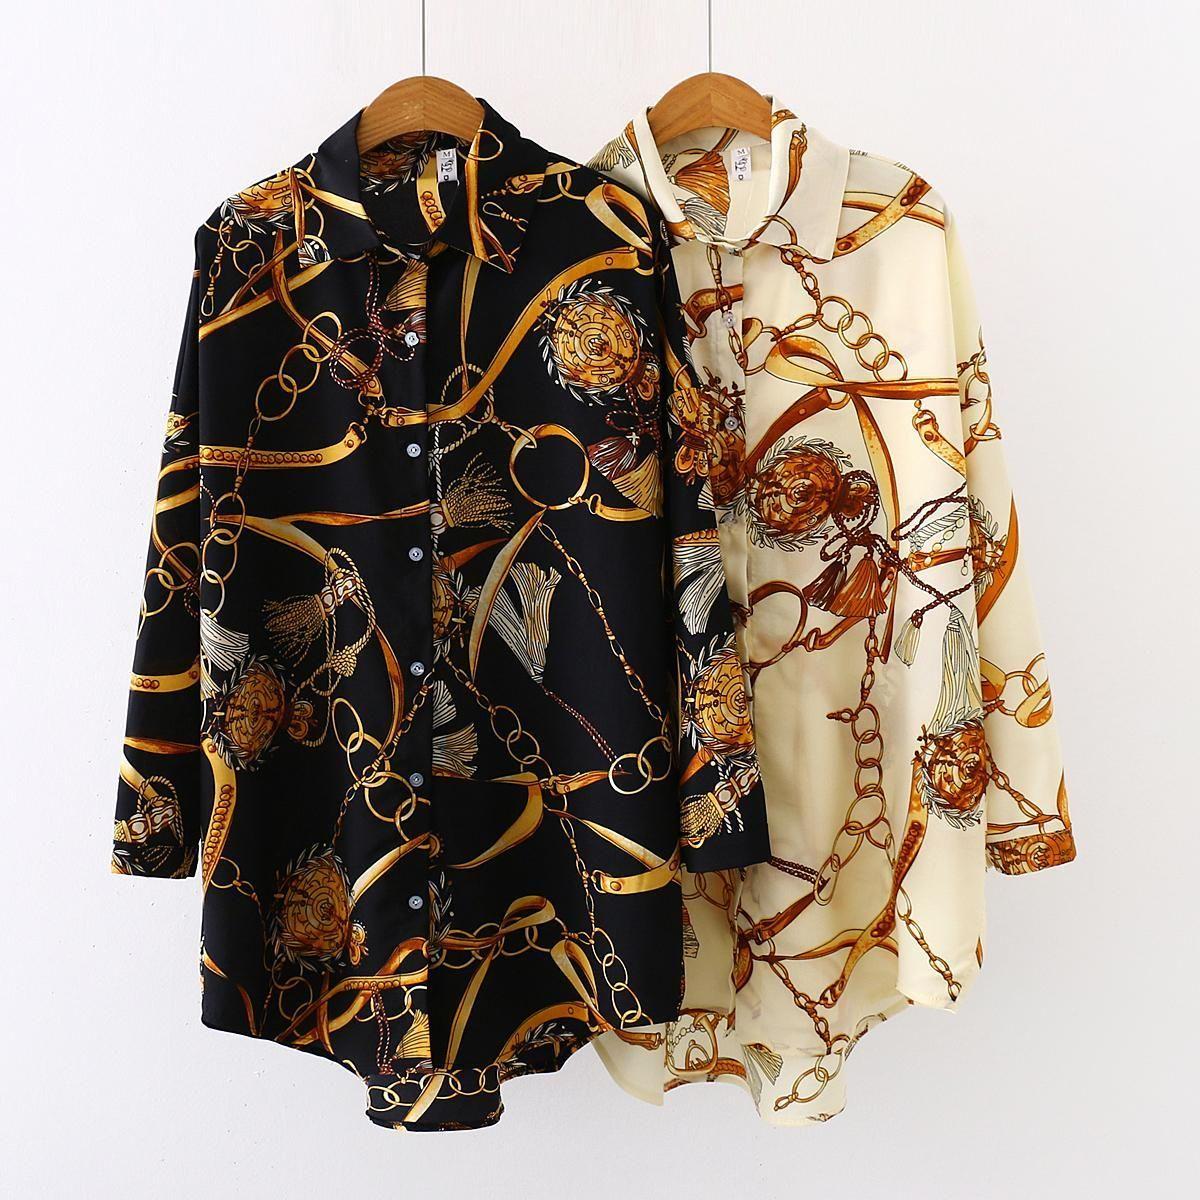 Gevşek Gömlek blusas Mujer 200.924 Tops kollu artı boyutu Moda gündelik Kadınlar Bluzlar Bahar şifon Bluz üç çeyrek boy art